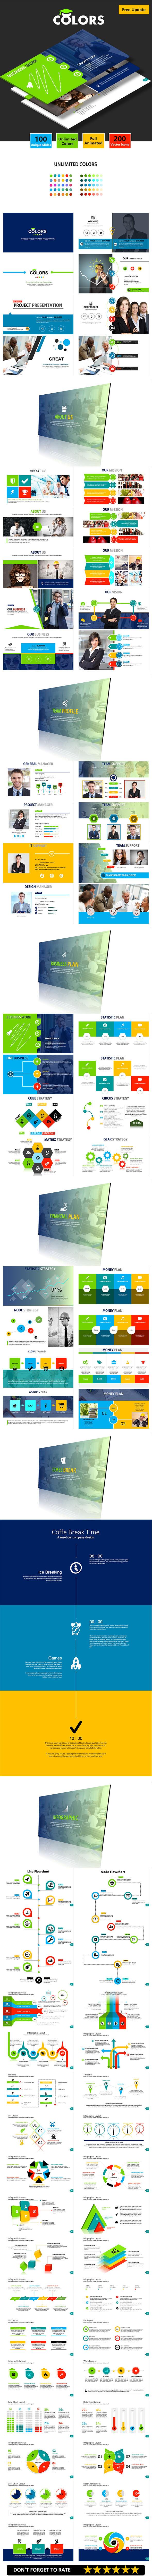 COLORS -  Google Slides Business Presentation - Google Slides Presentation Templates